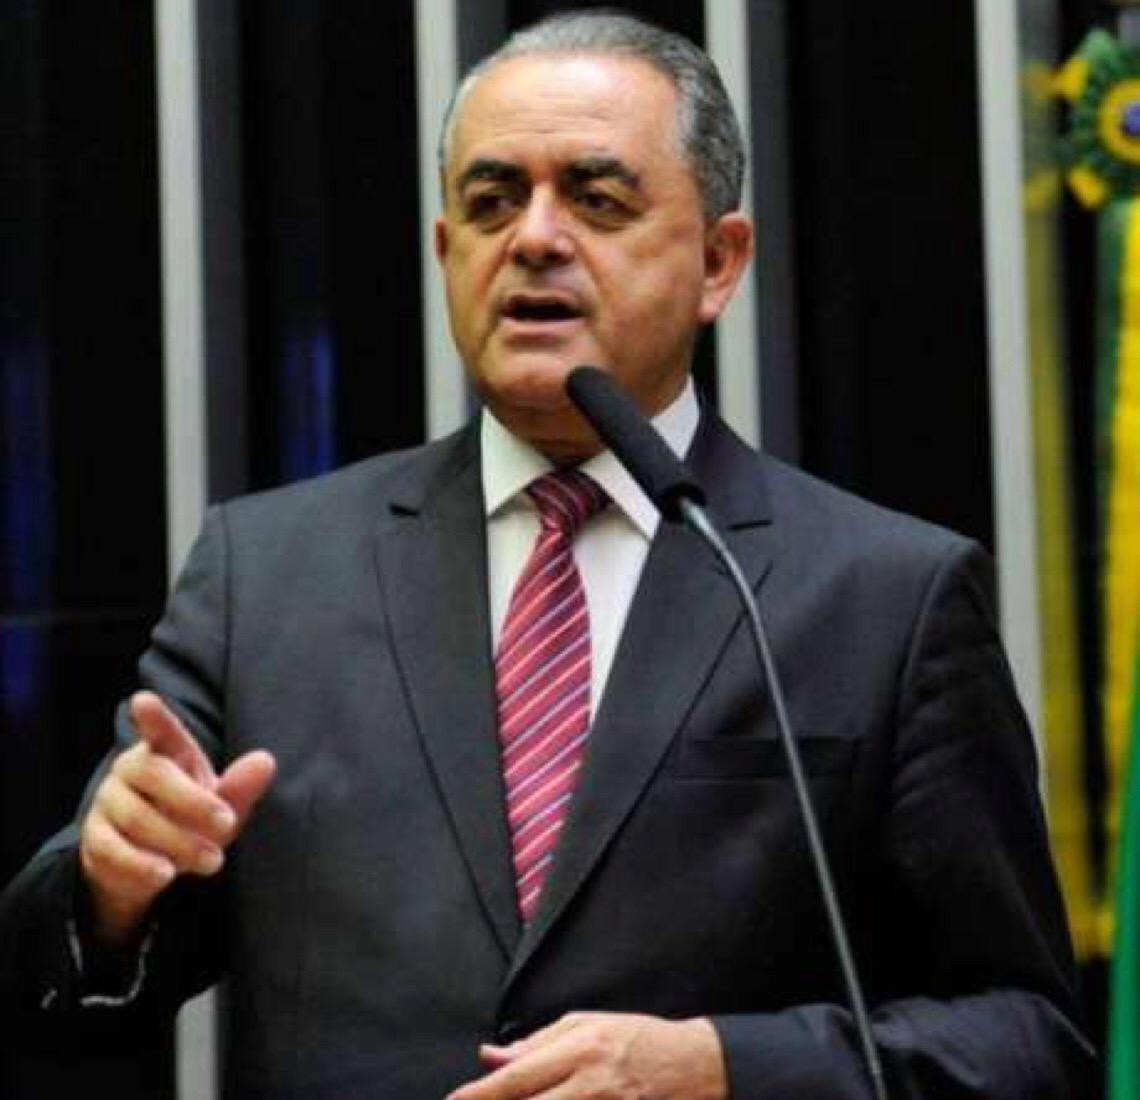 Deputado Luiz Flávio Gomes. Emenda é contra ativismo judicial abusivo